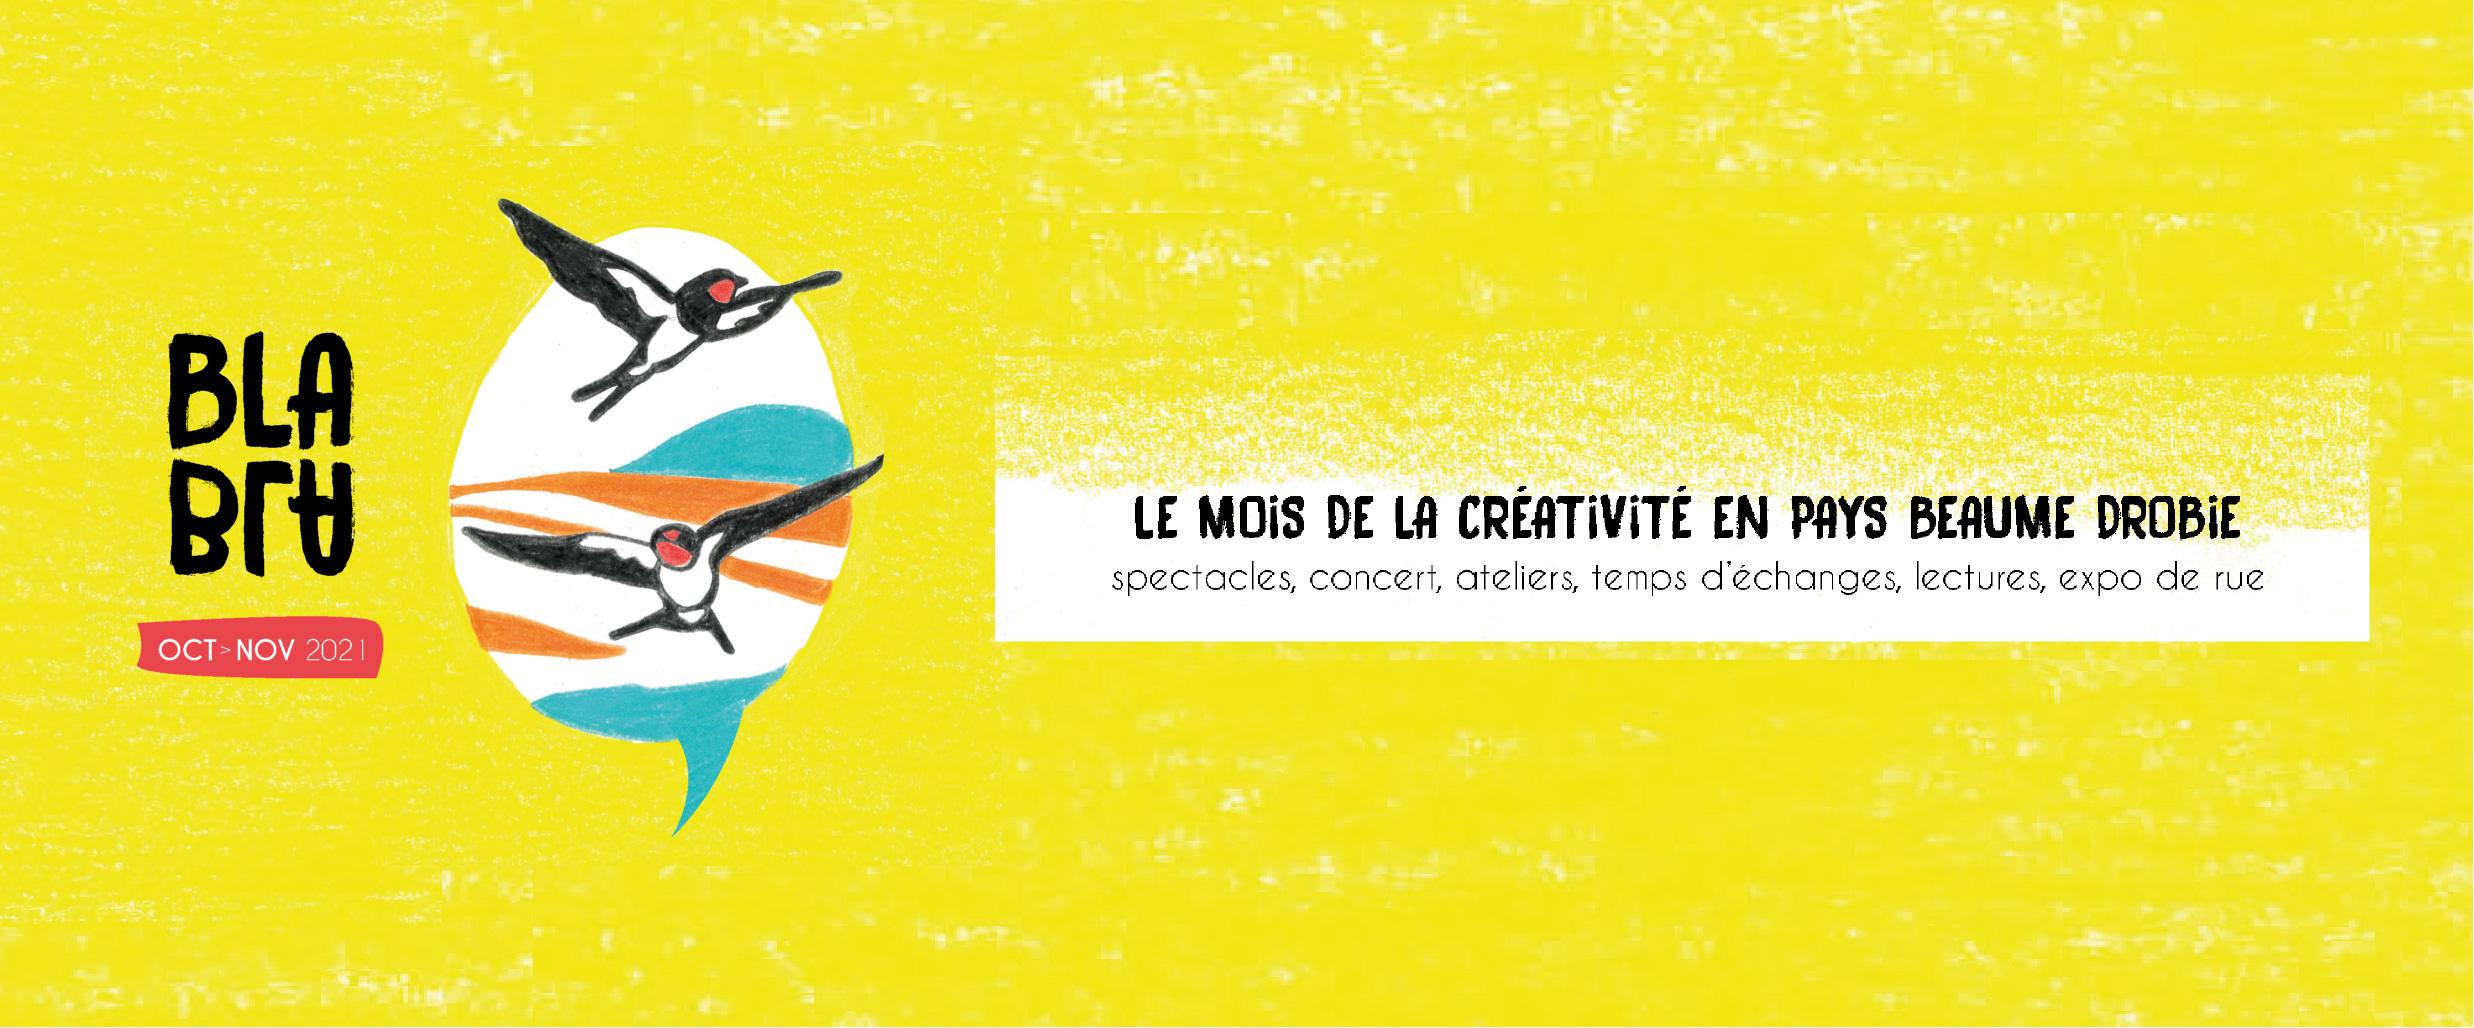 mois de la creativite carrousel_site1